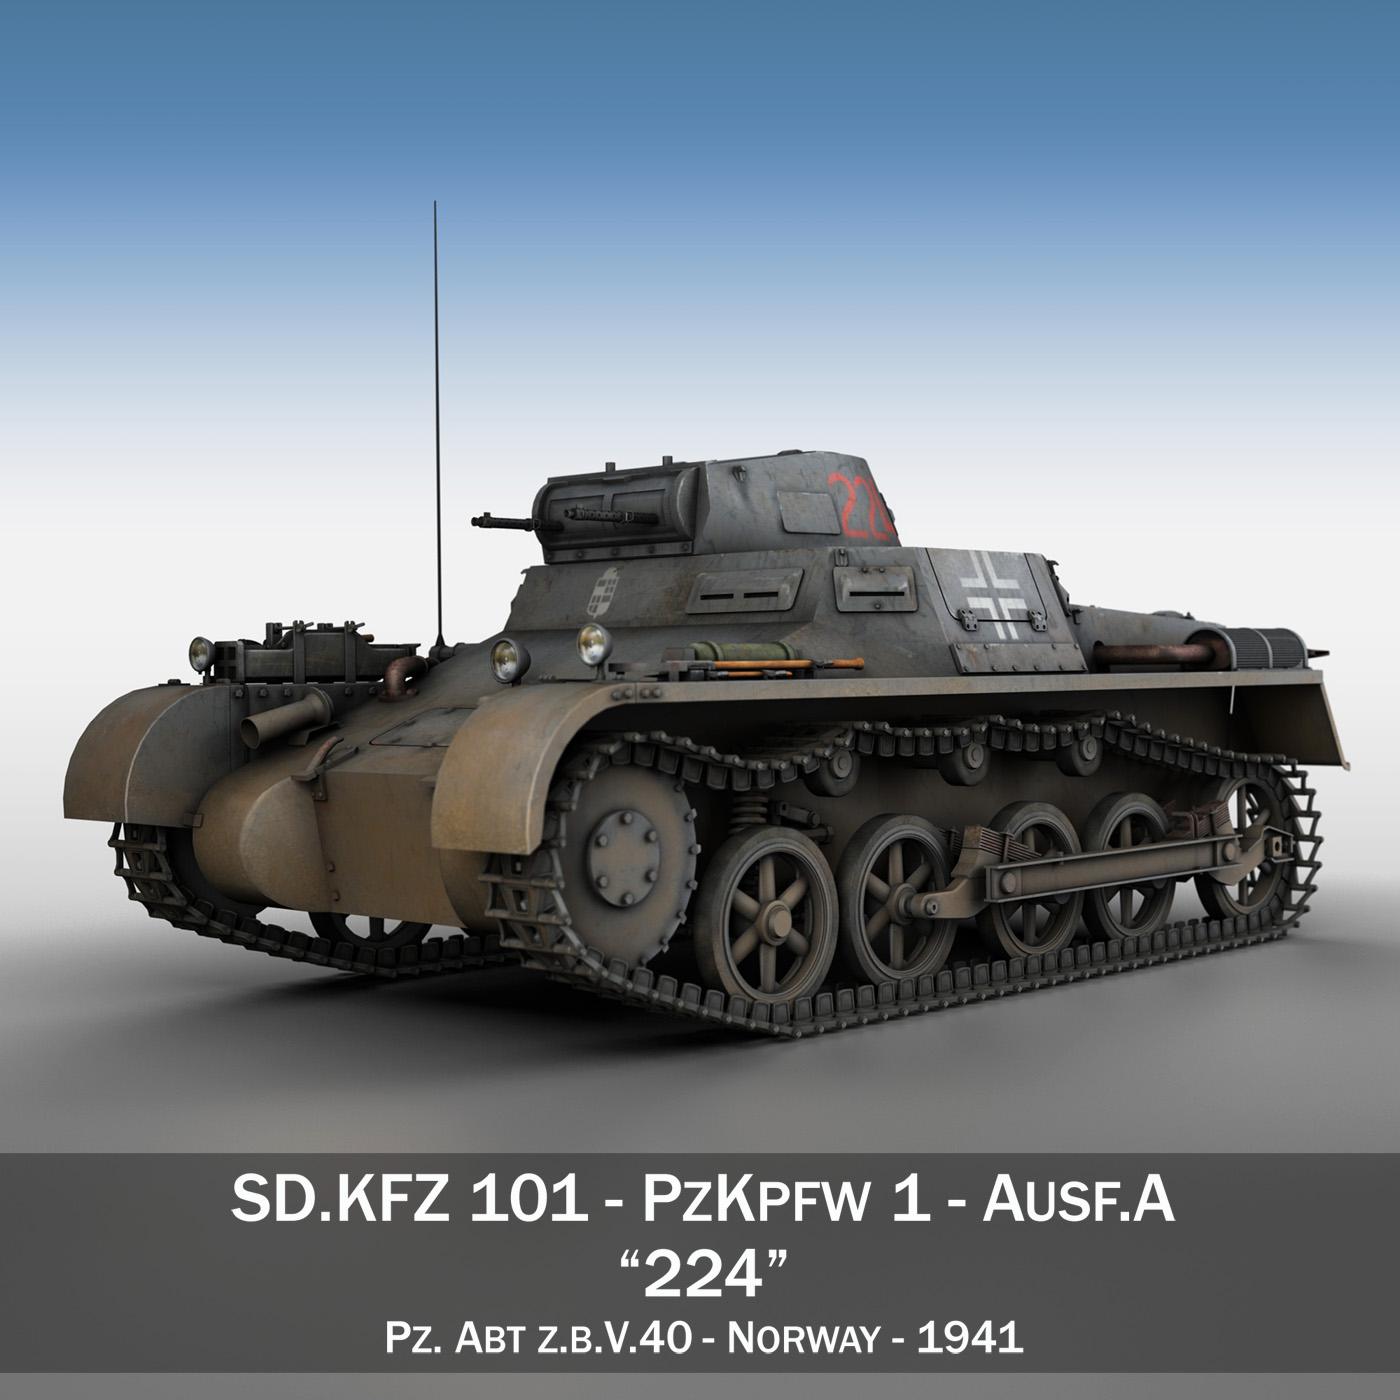 pzkpfw 1 – panzer 1 – ausf. a – 224 3d model 3ds fbx c4d lwo obj 195072